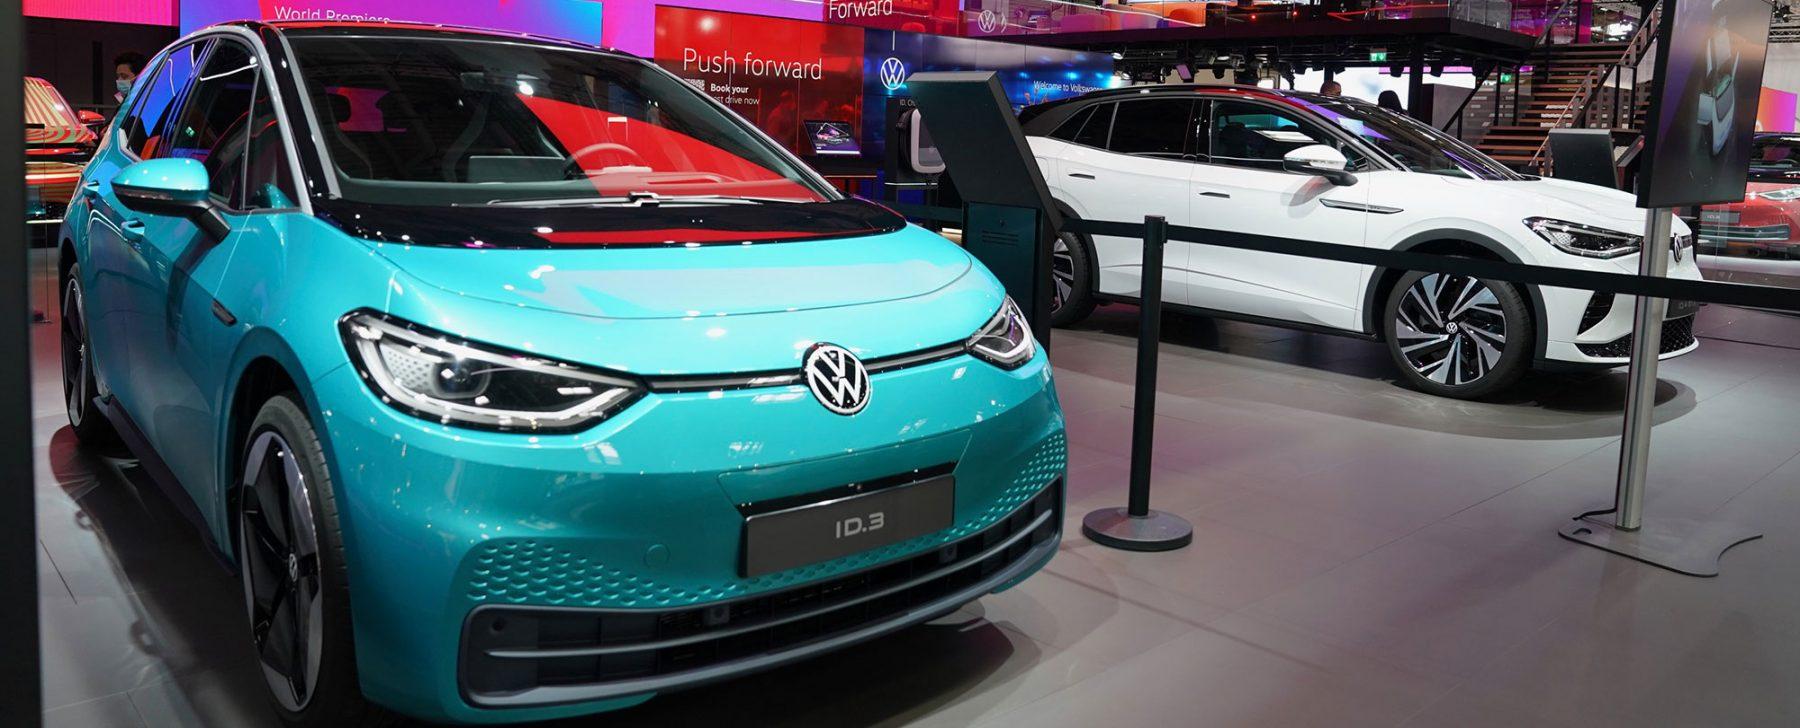 Salón de Múnich 2021: la llegada de los coches eléctricos asequibles